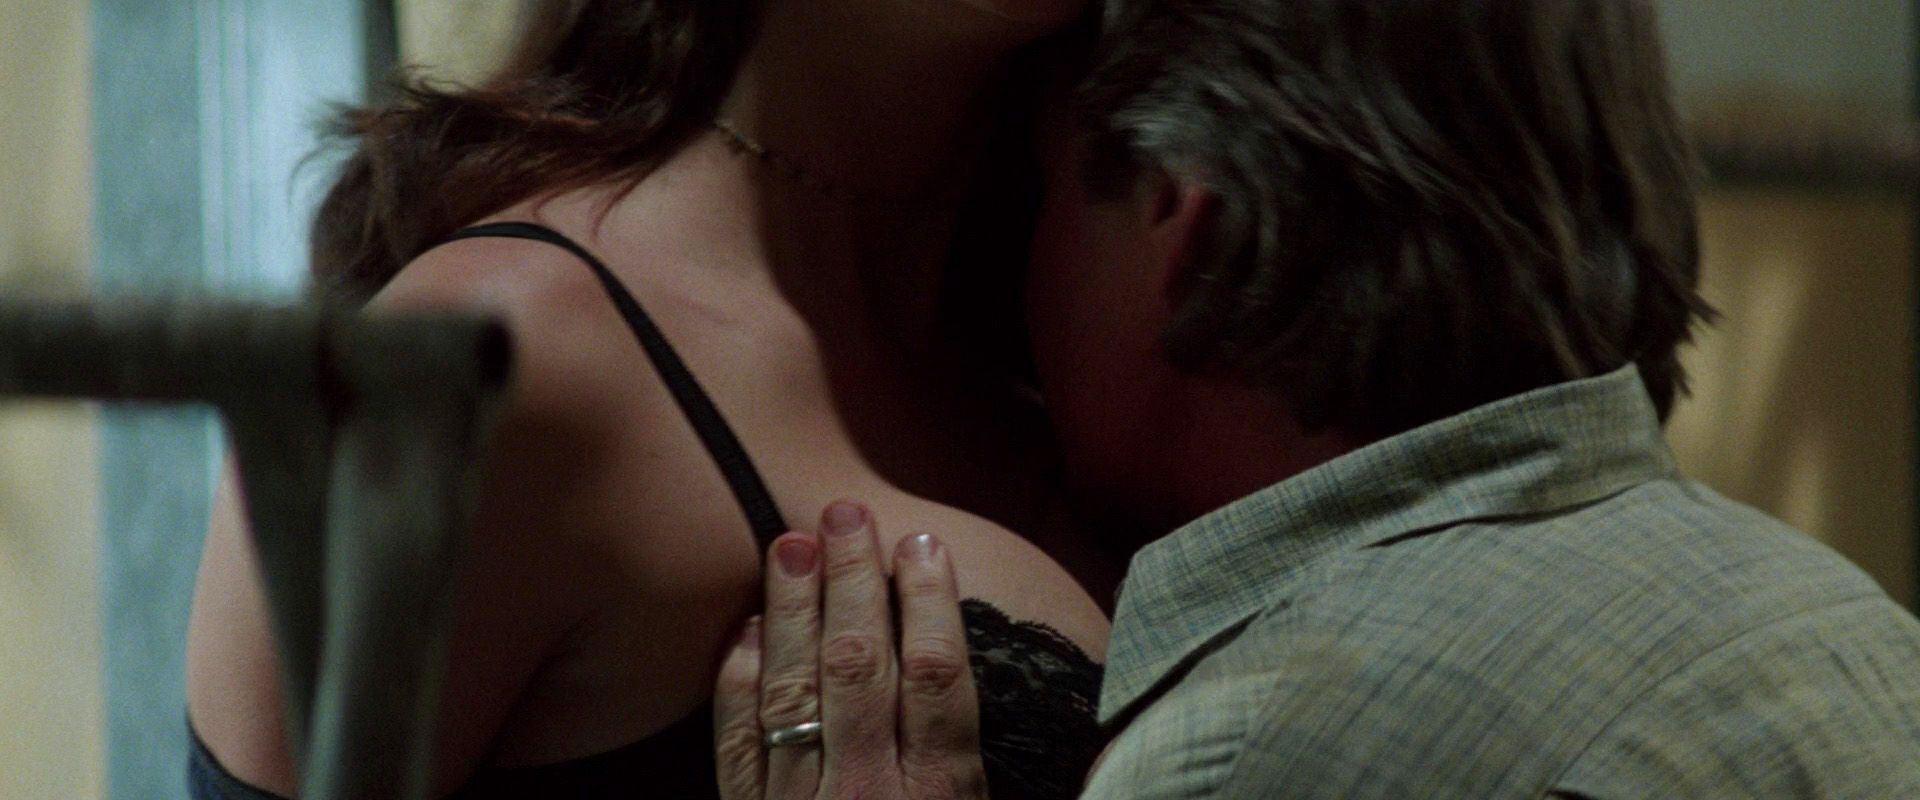 Barbera reccomend demi moore sex scene